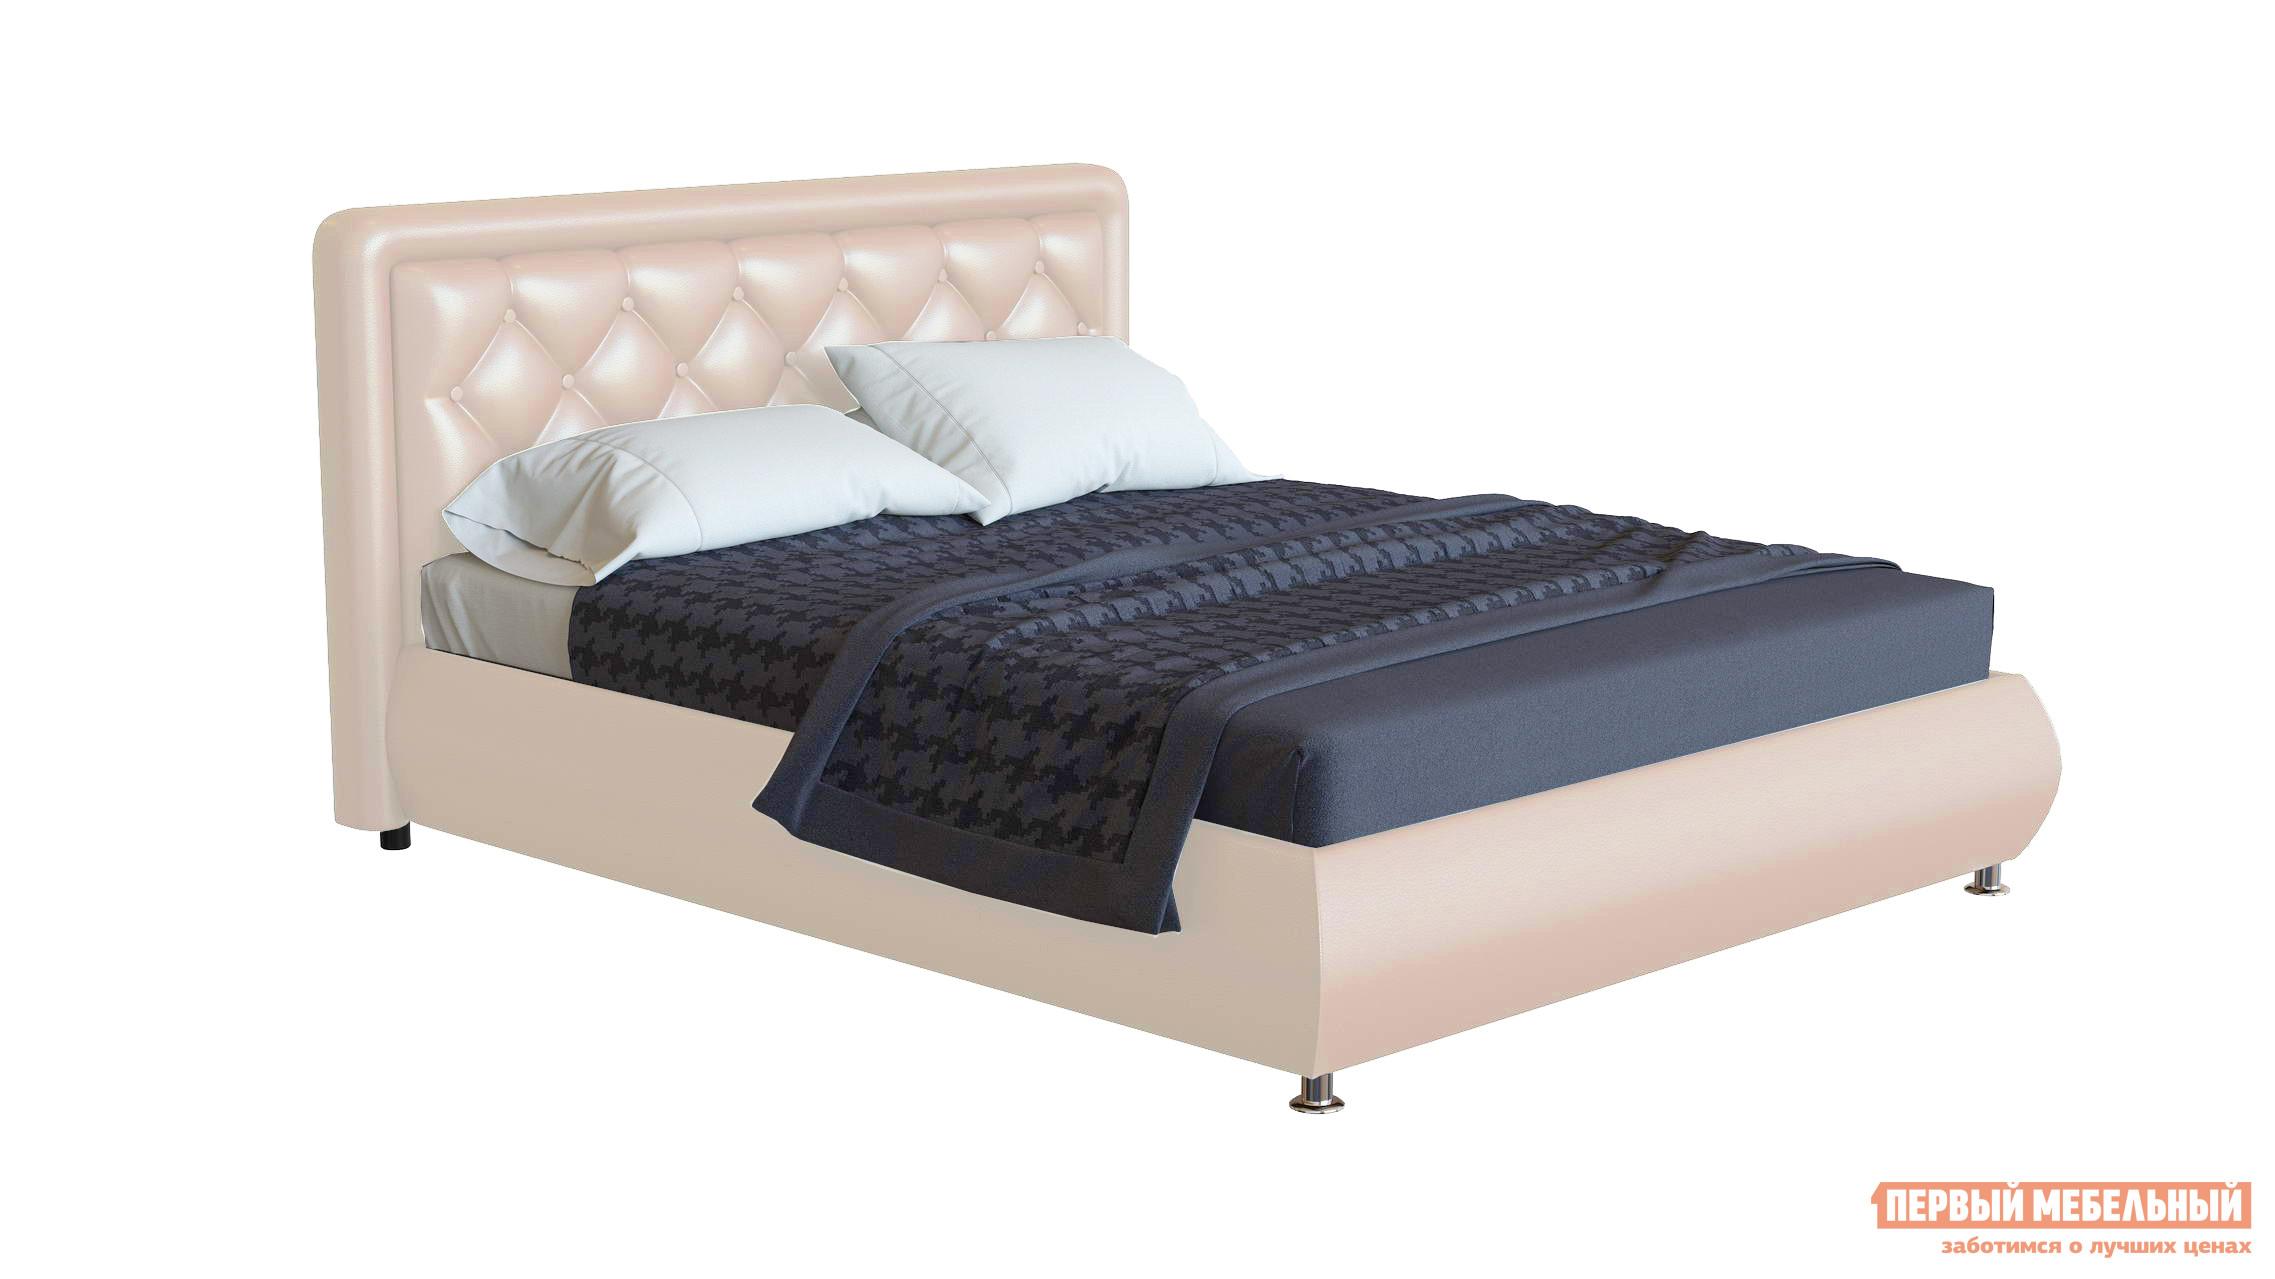 Двуспальная кровать с пуговицами Первый Мебельный Кровать Джорджия декор пуговицы 140х200, 160х200, 180х200 кровать амели 180х200